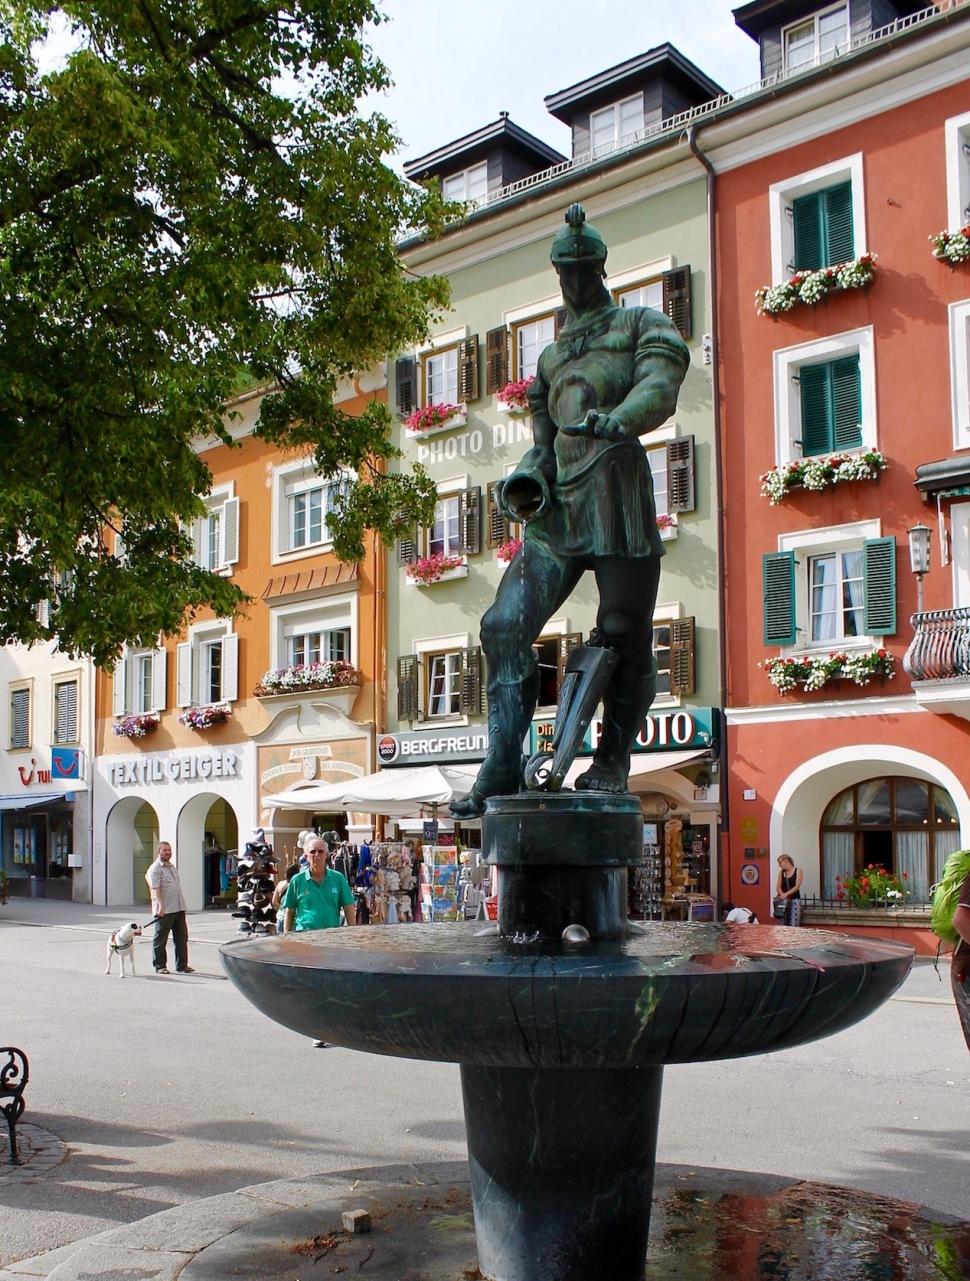 Lienz_fountain